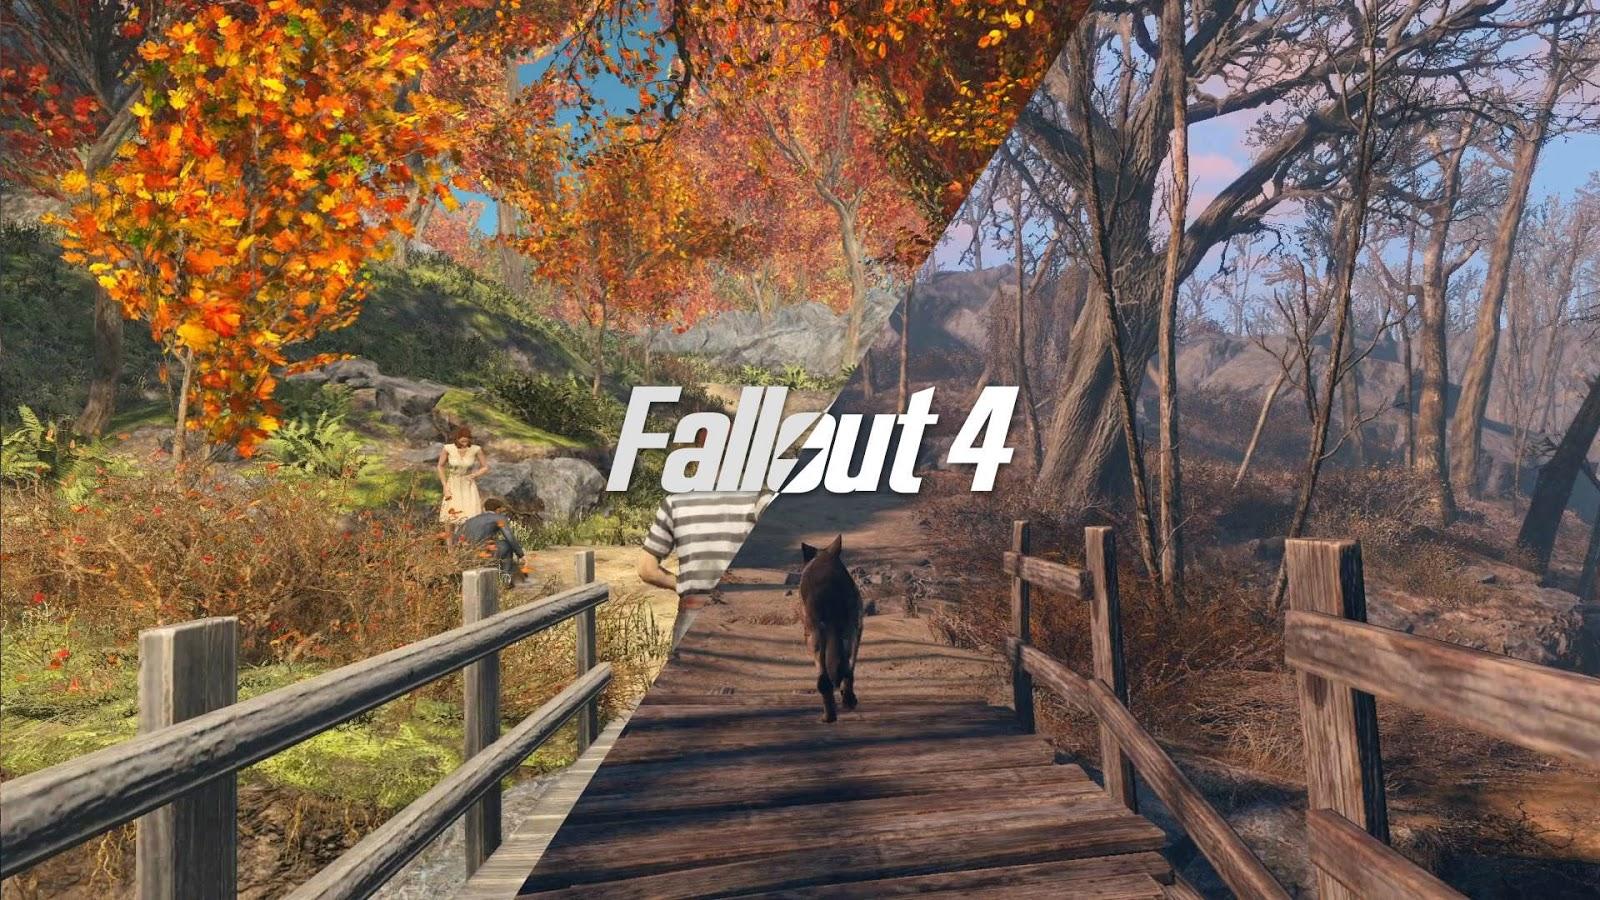 World Best Car Hd Wallpaper 1080p Fallout 4 Wallpaper